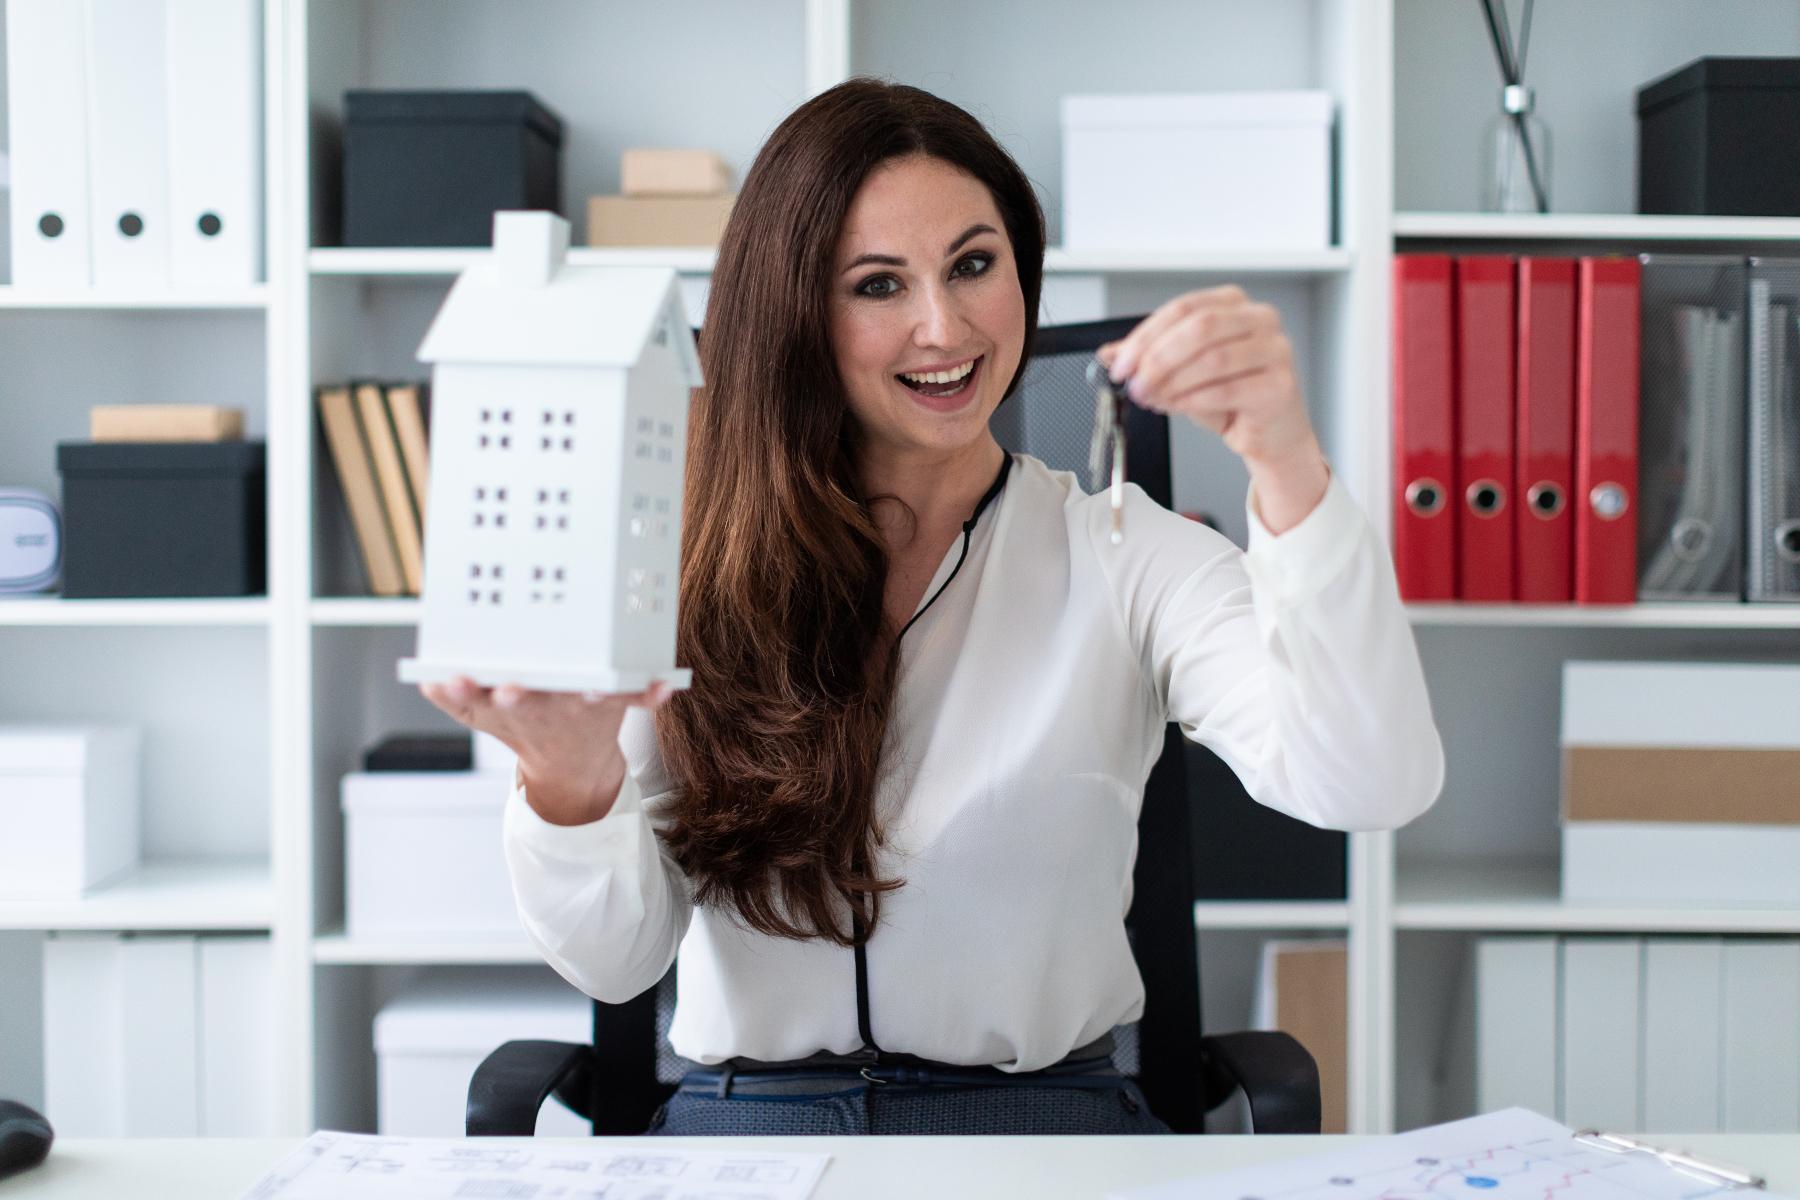 Mulher segurando um modelo de prédio em uma mão e uma chave em outra